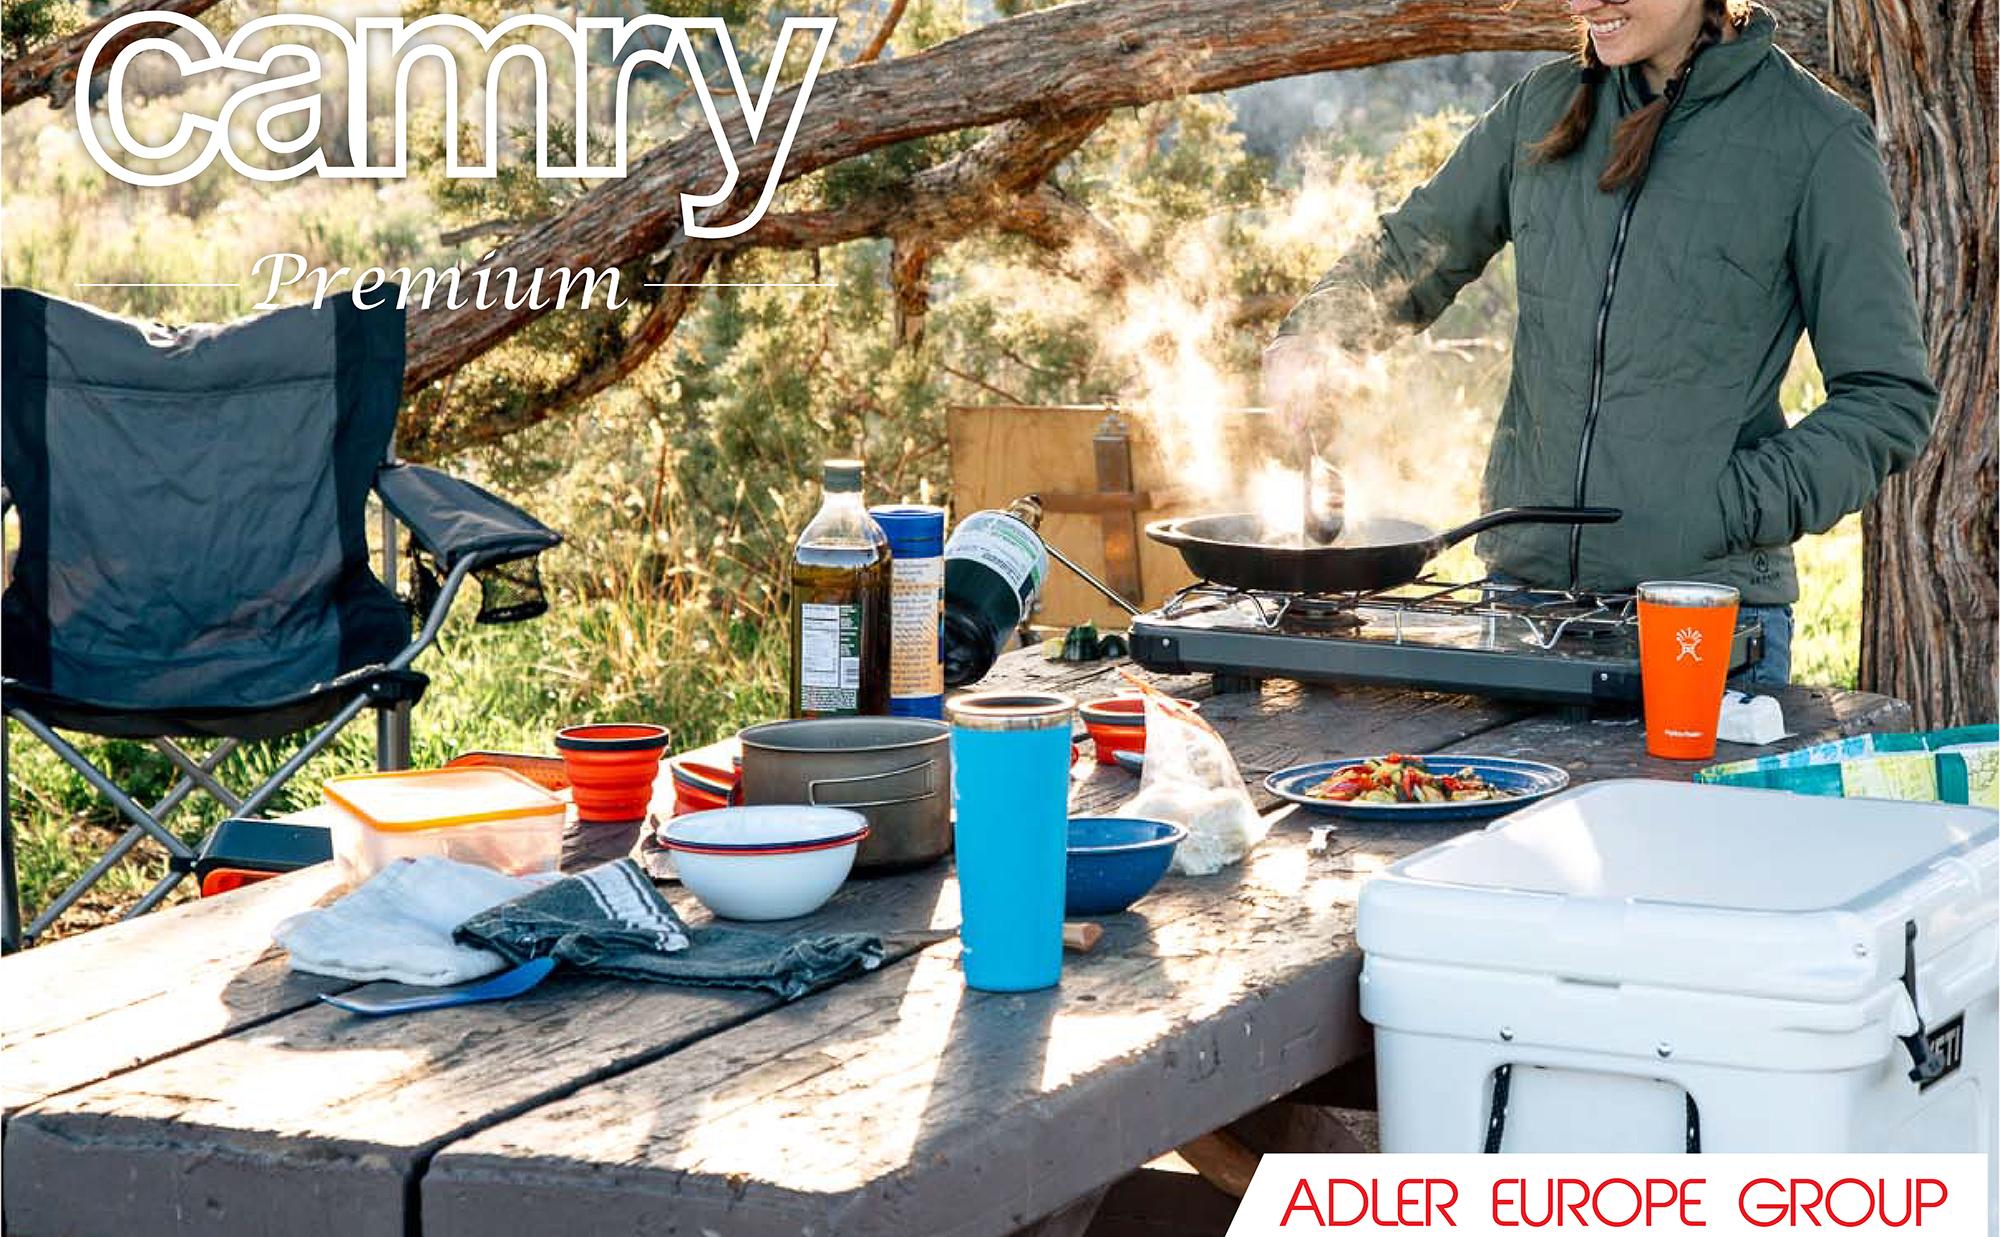 CAMRY CR6510 Hornillo Eléctrico, Placa de Cocina, Regulador de Temperatura, Acero Inoxidable, Compacto, Viaje, Camping 185 mm, 1500W